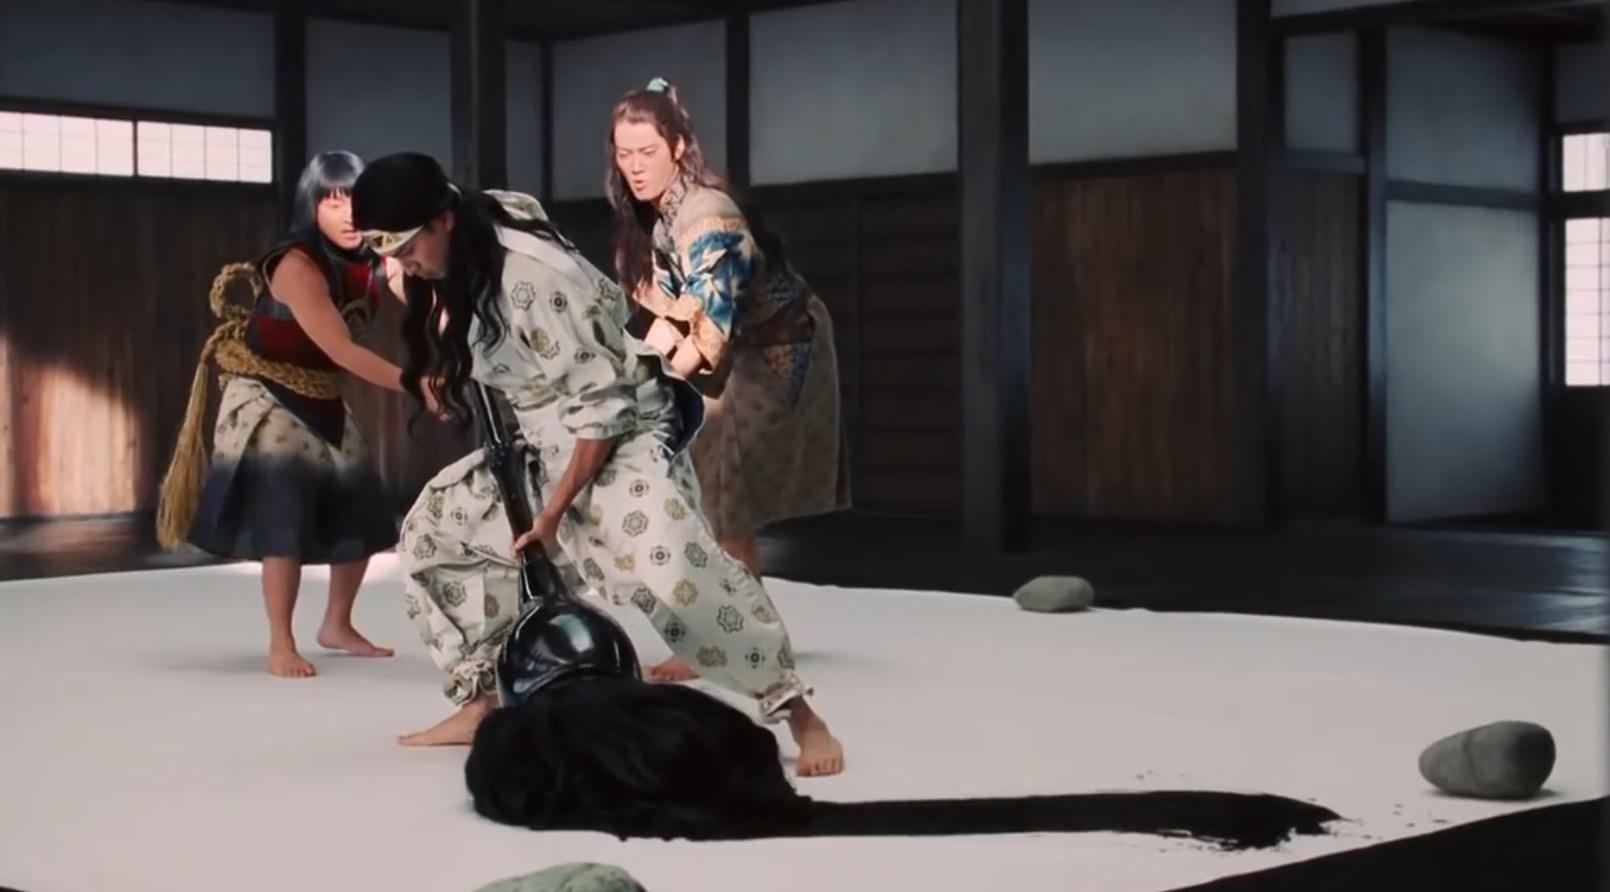 【au三太郎】ミュージックビデオ風の新春特別CMに元気をもらえる!「やってみたかったこと、やってみよう!」